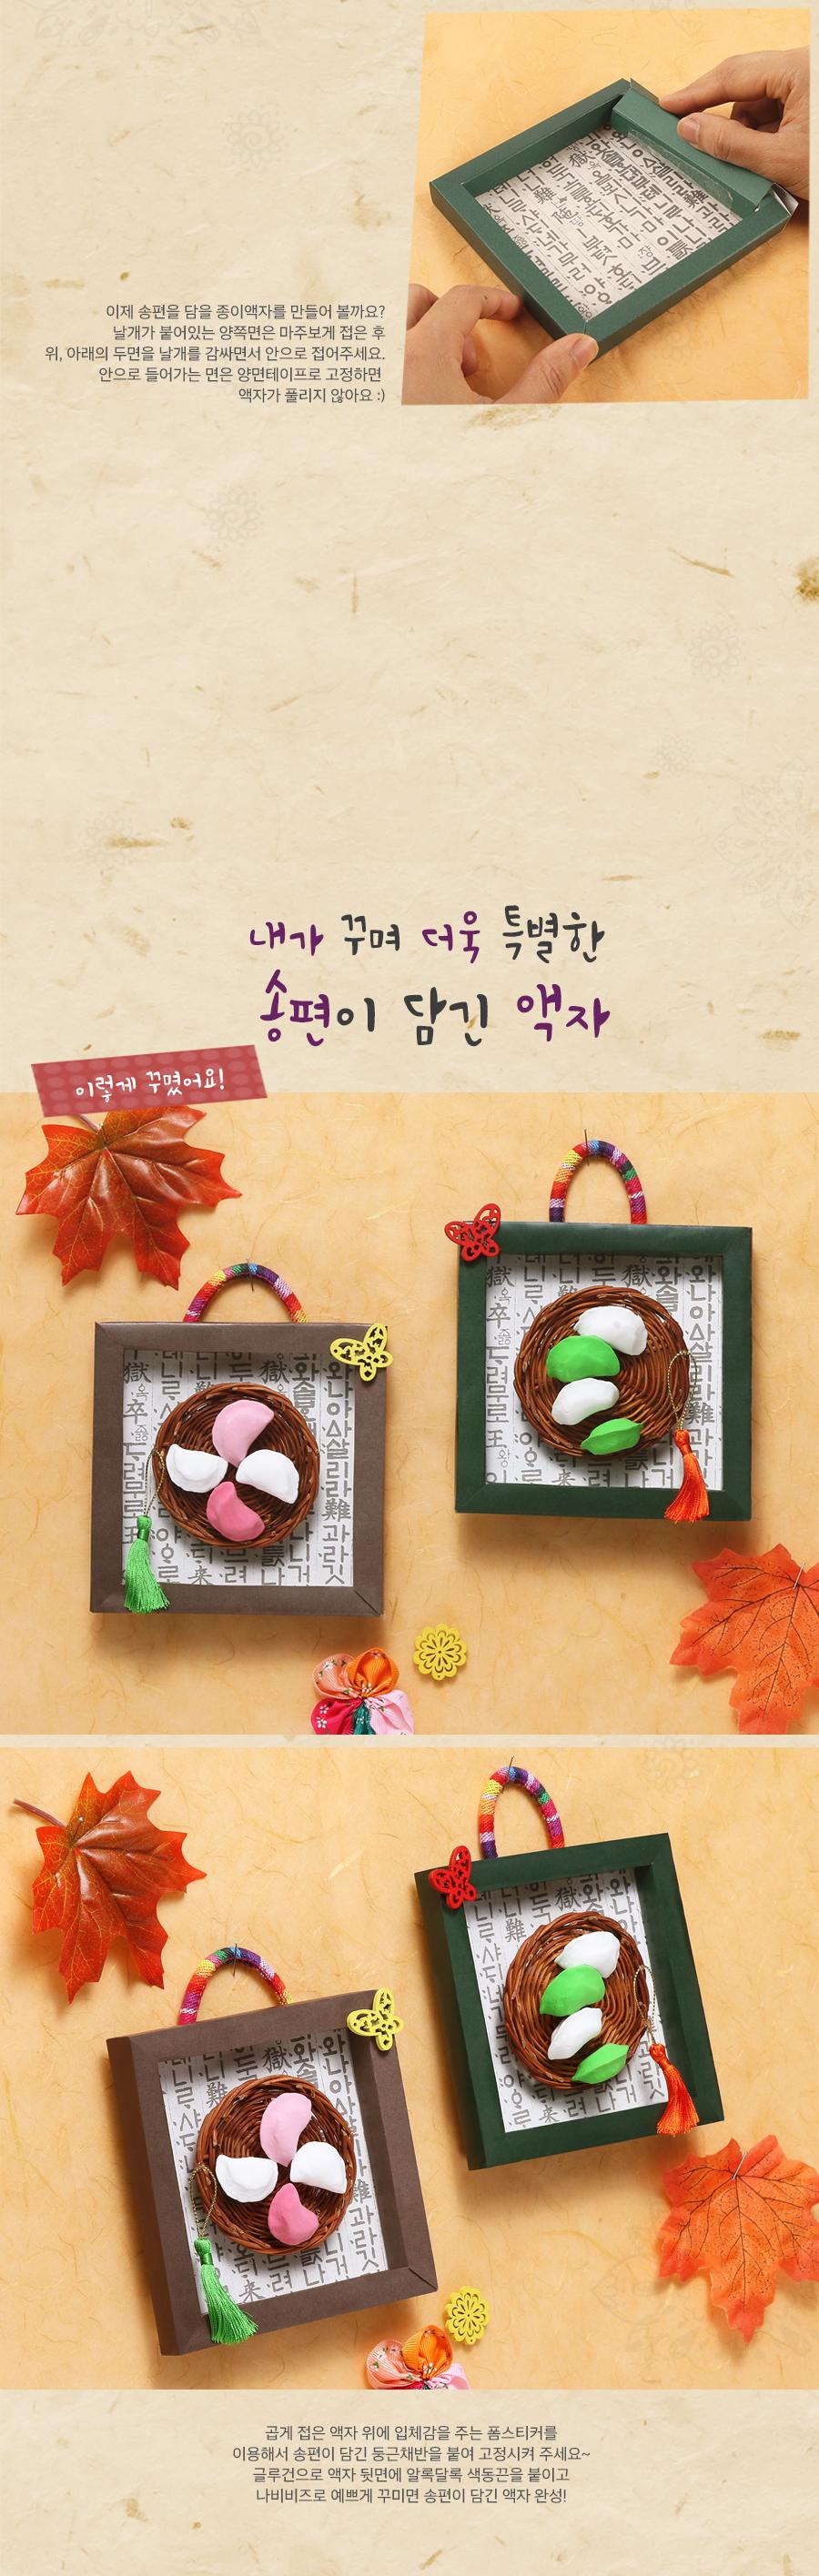 송편이 담긴 액자(4개)/추석만들기 - 아트랄라, 9,000원, 비즈공예, 비즈